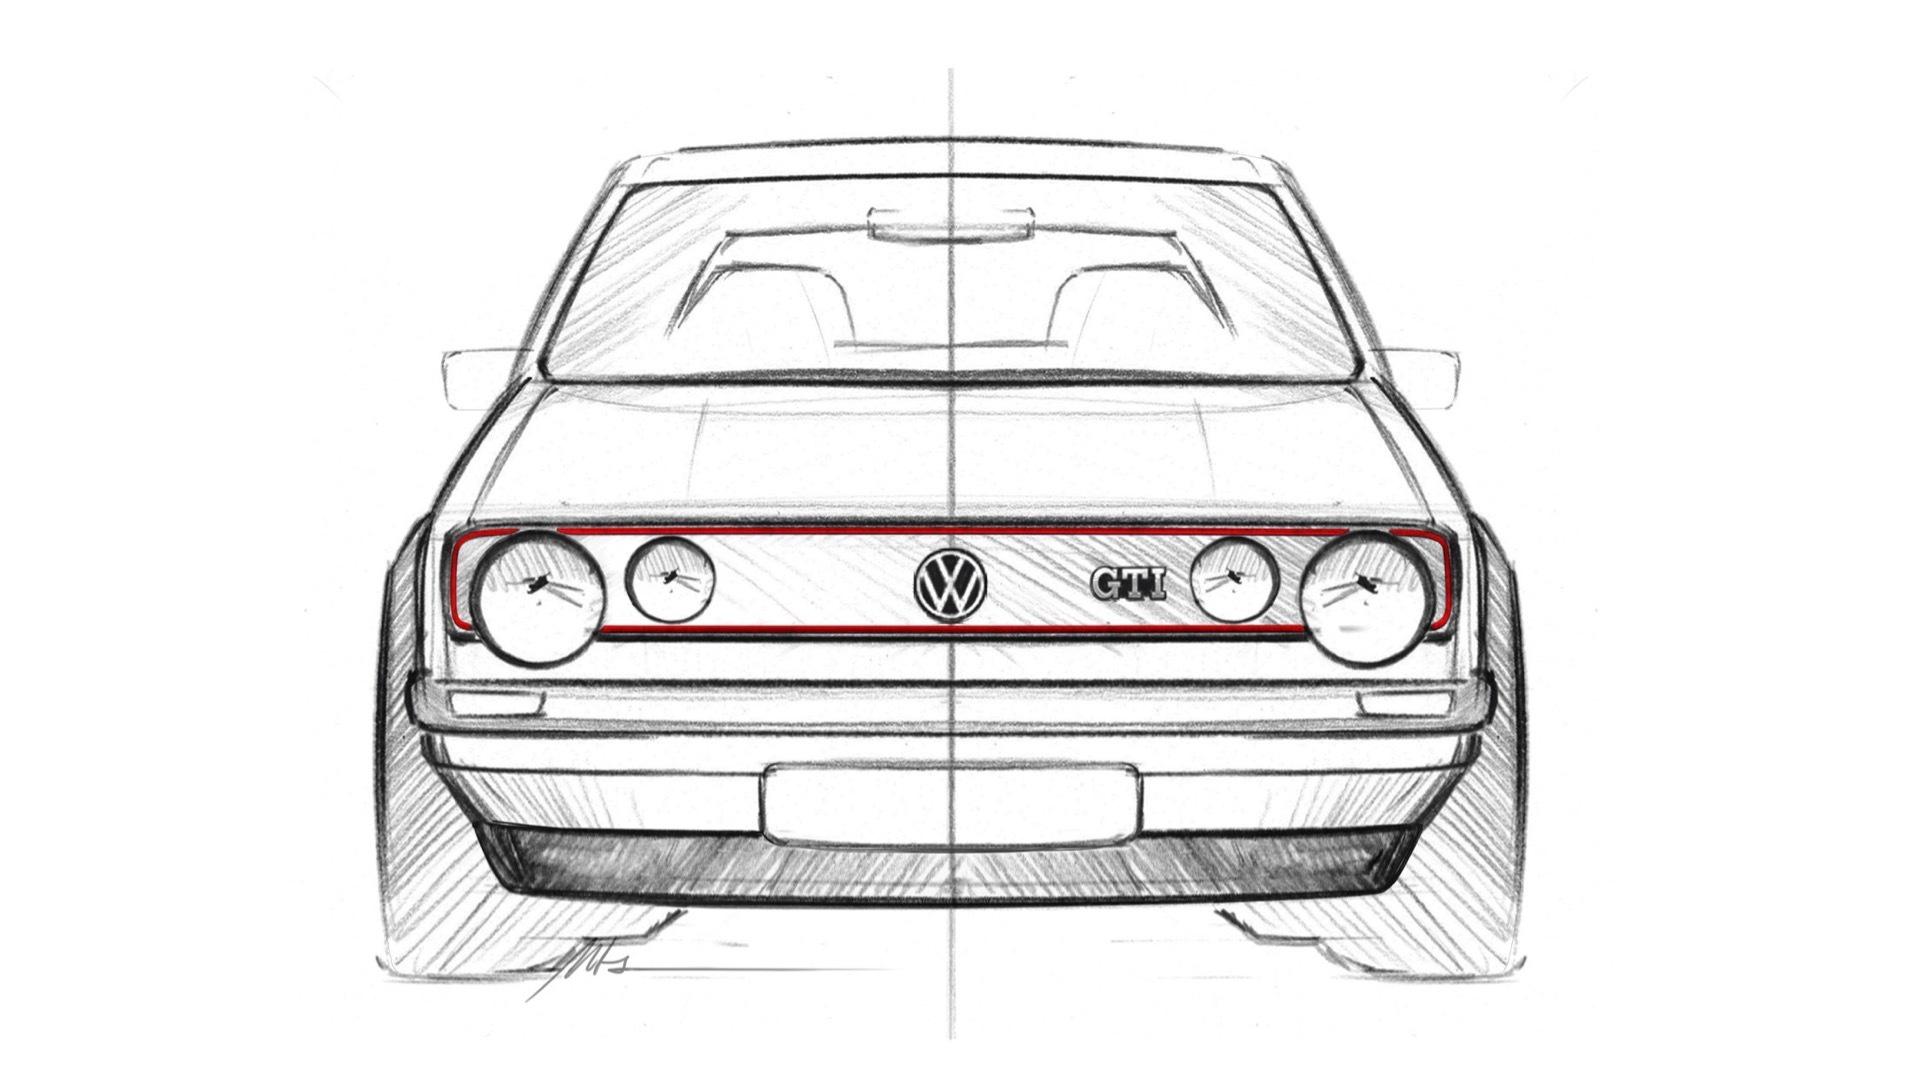 Volkswagen GTI Mk I